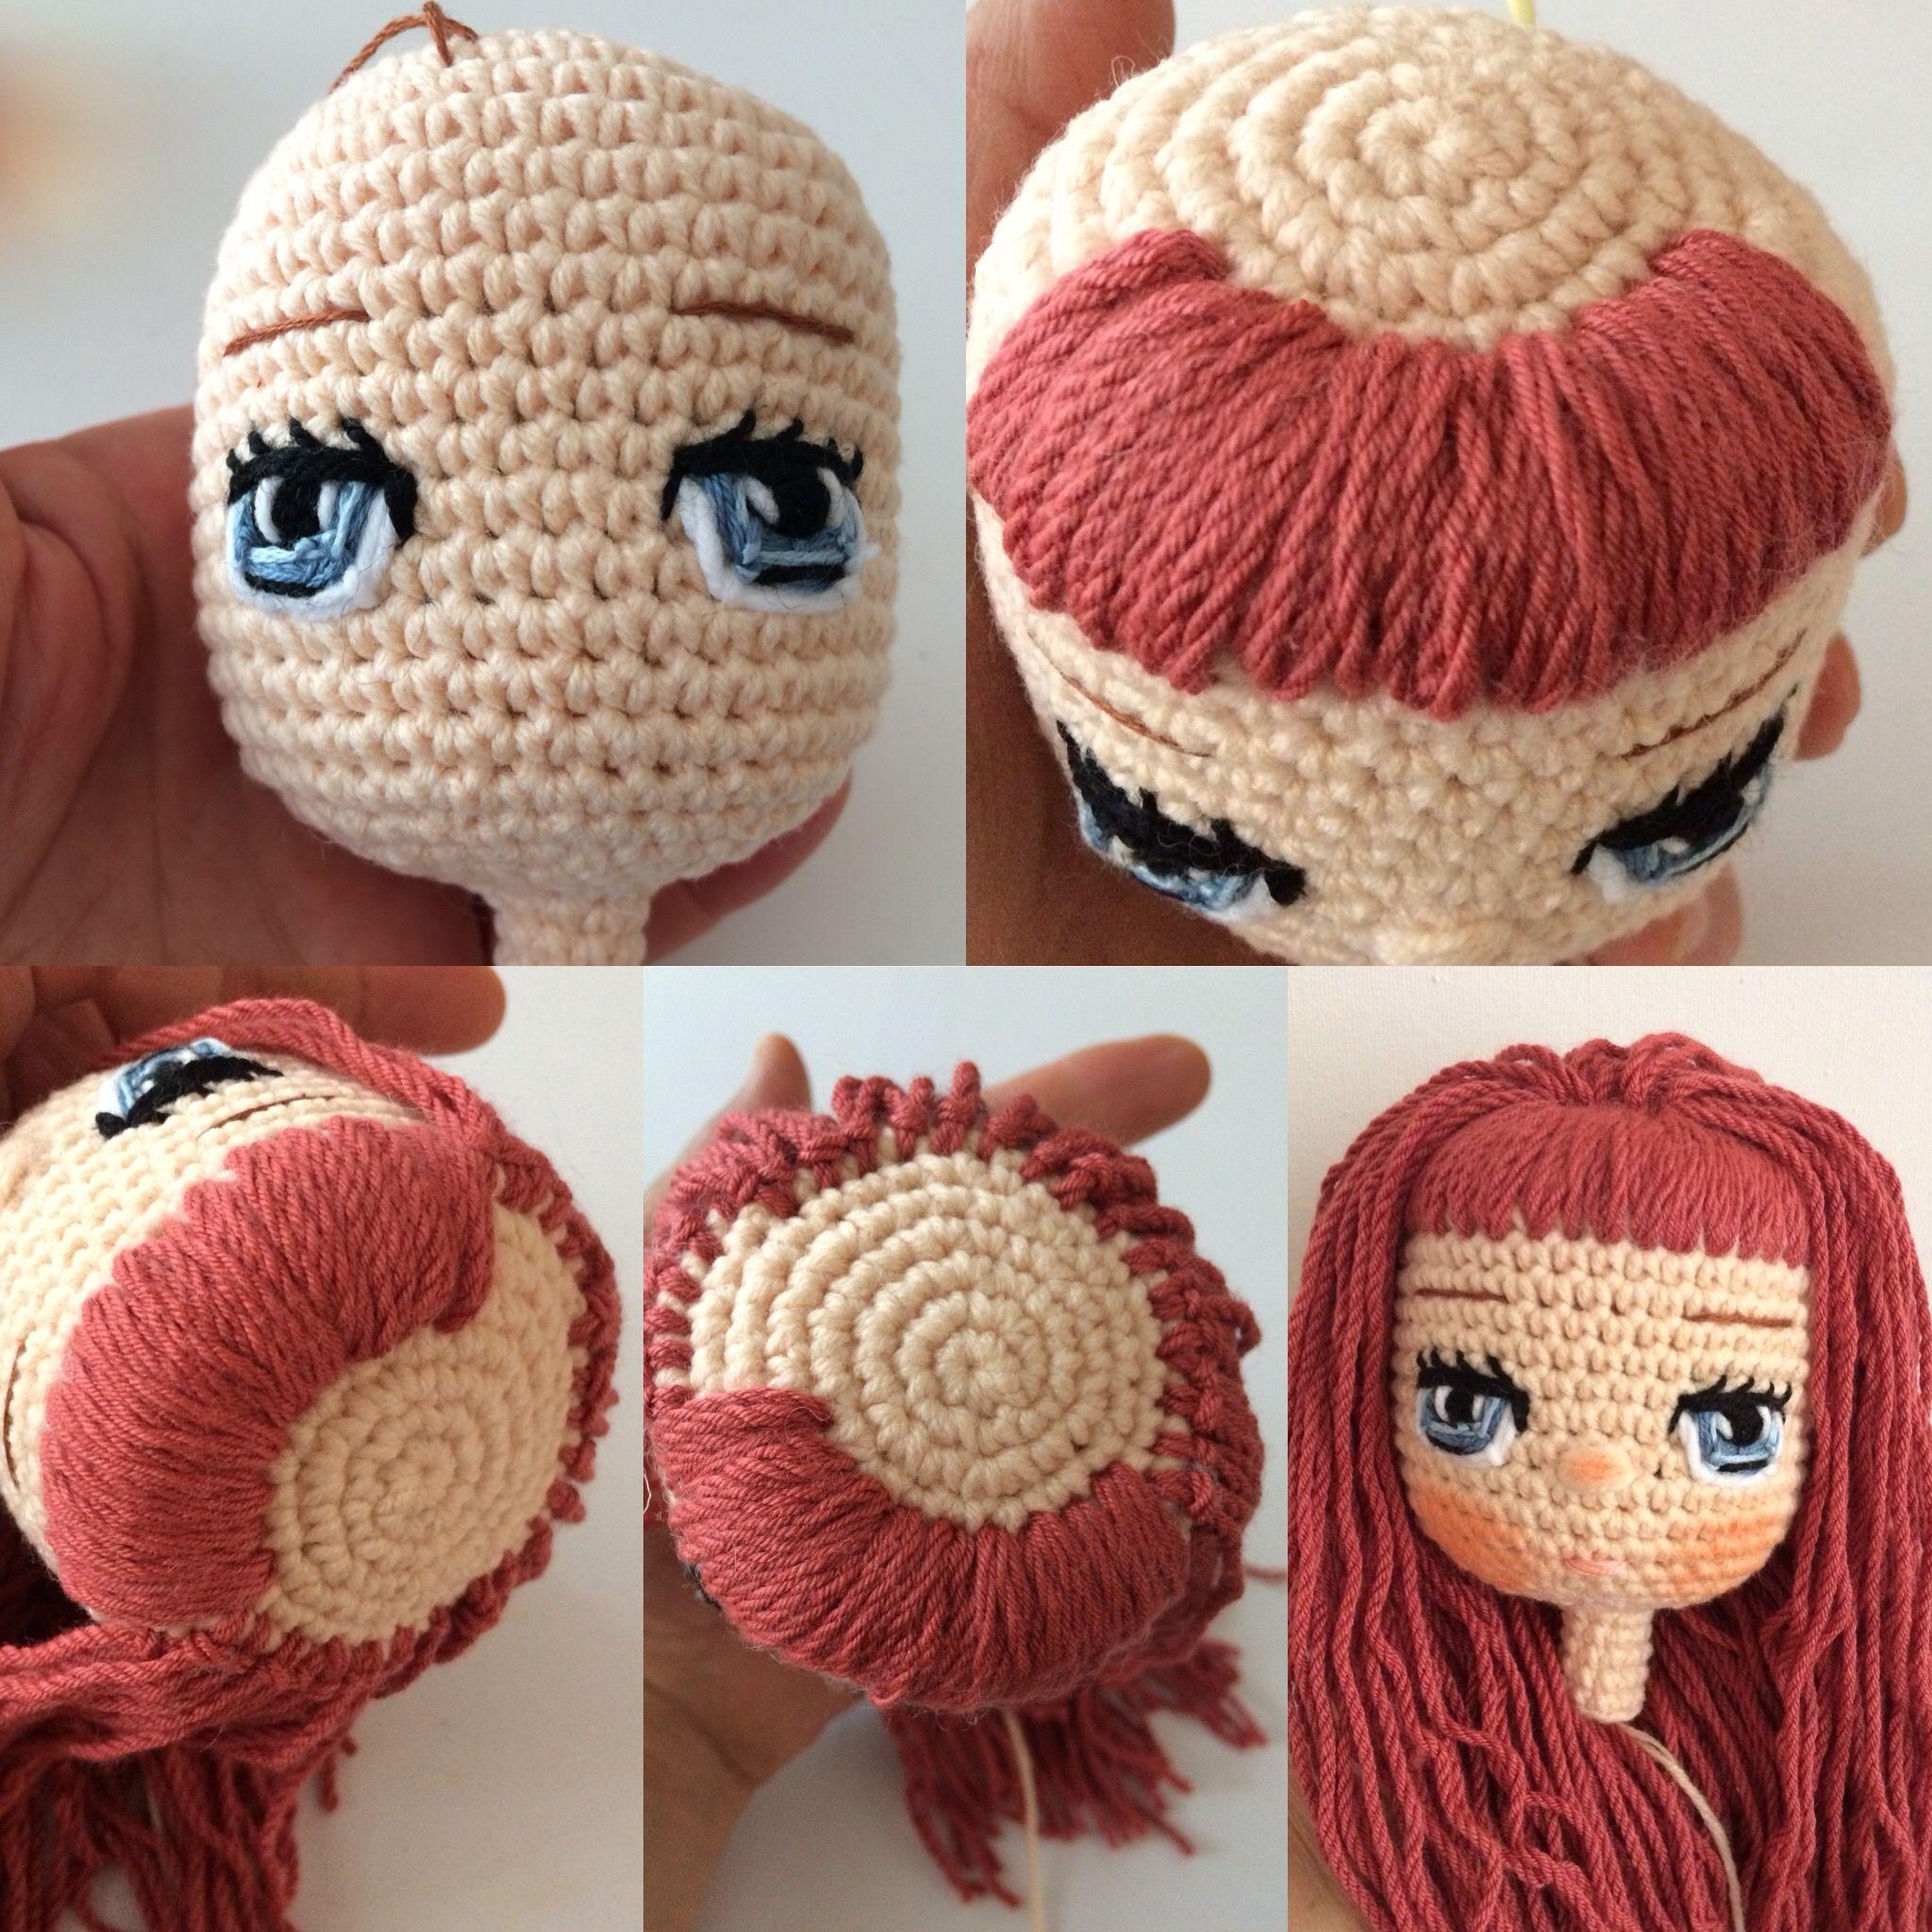 embroidered amigurumi doll eyes - idea | Bonecas de crochê, Boneca ... | 2048x2048